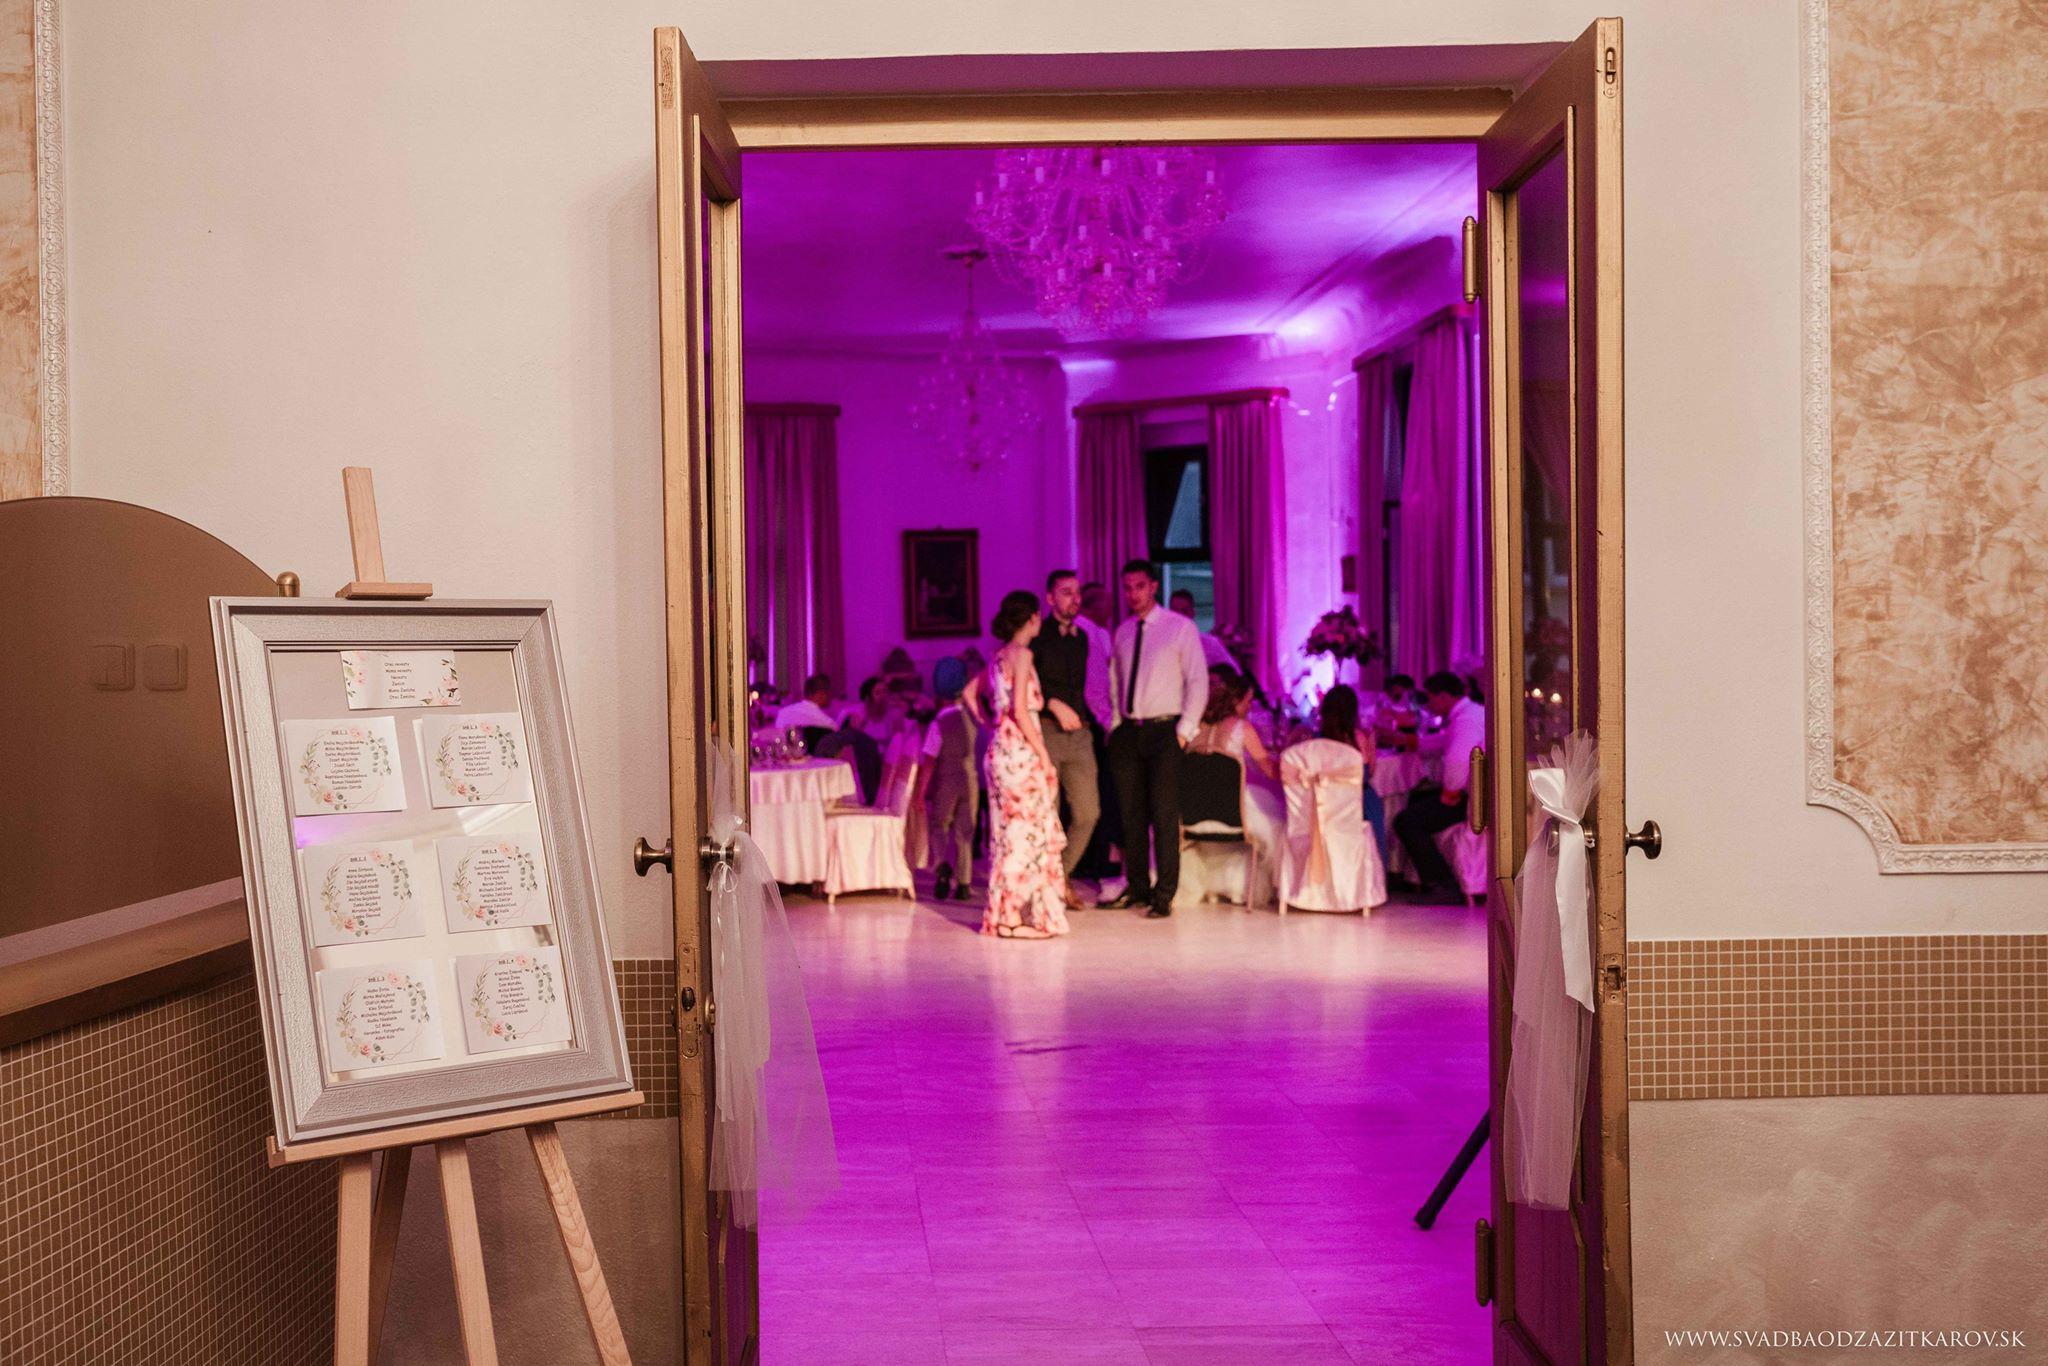 osvetlenie-saly-nasvietenie-saly-svadbajpg